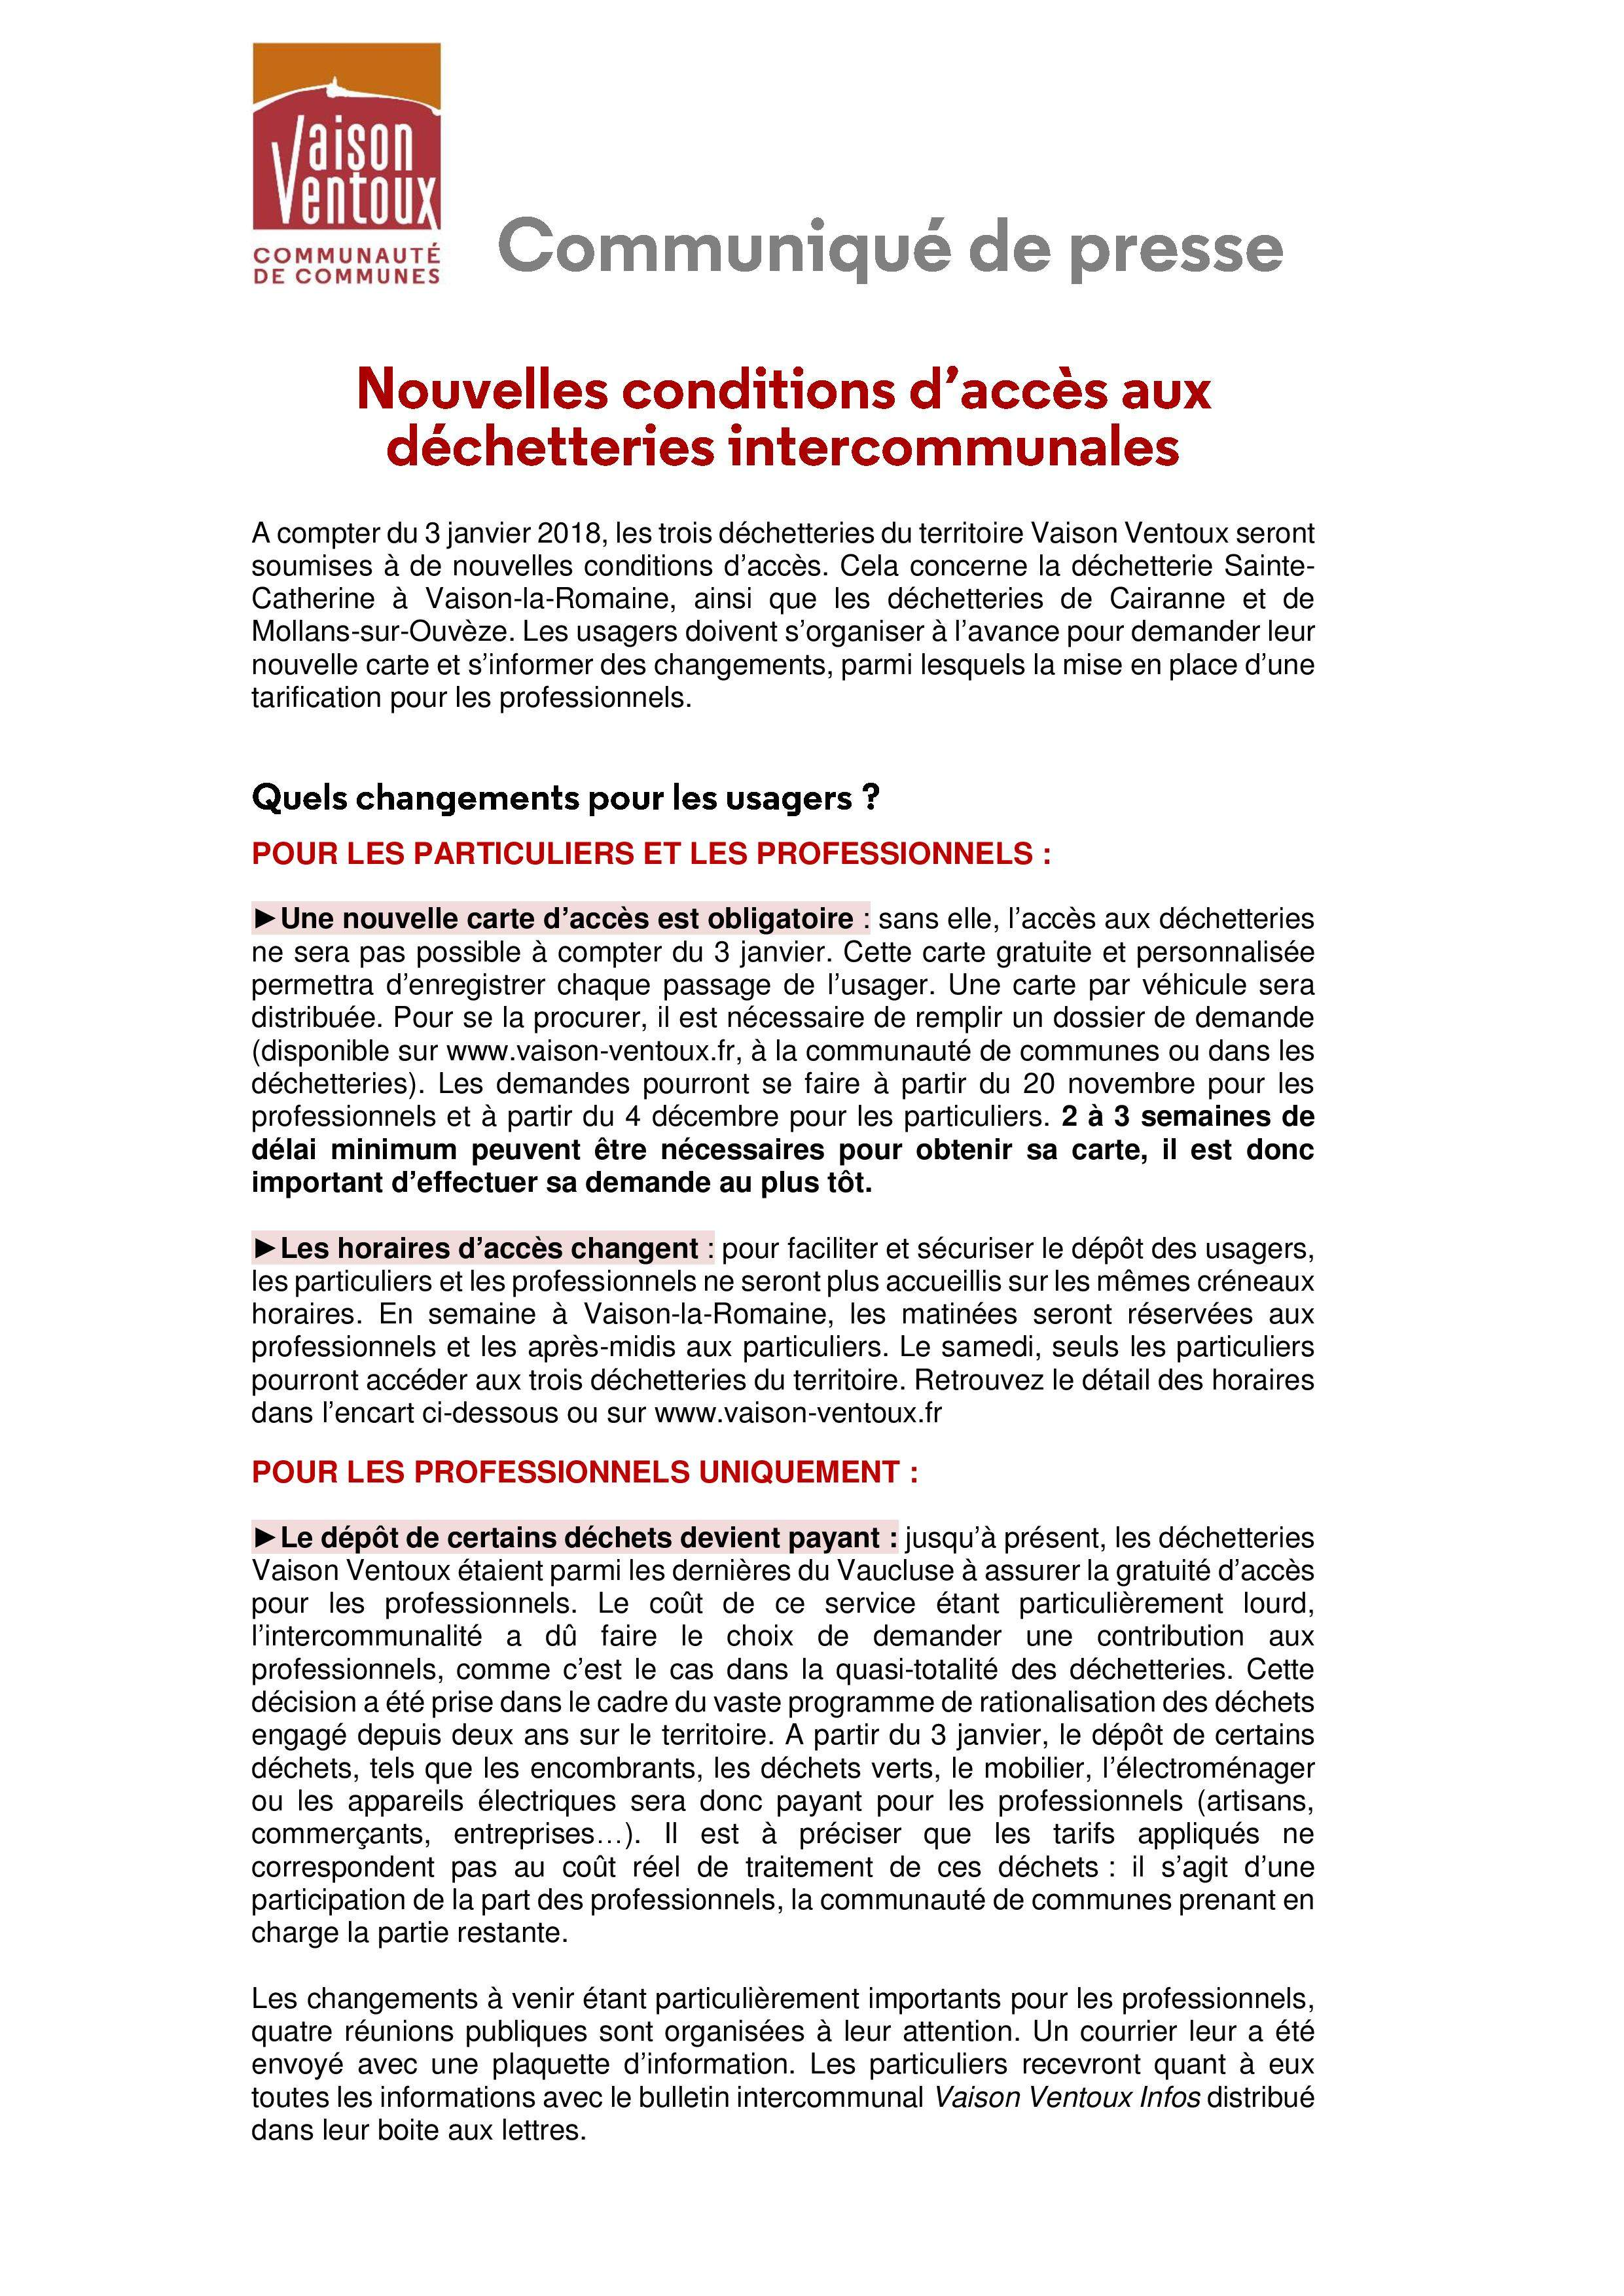 Accès aux déchetteries de Faucon règlement 2018 : communiqué